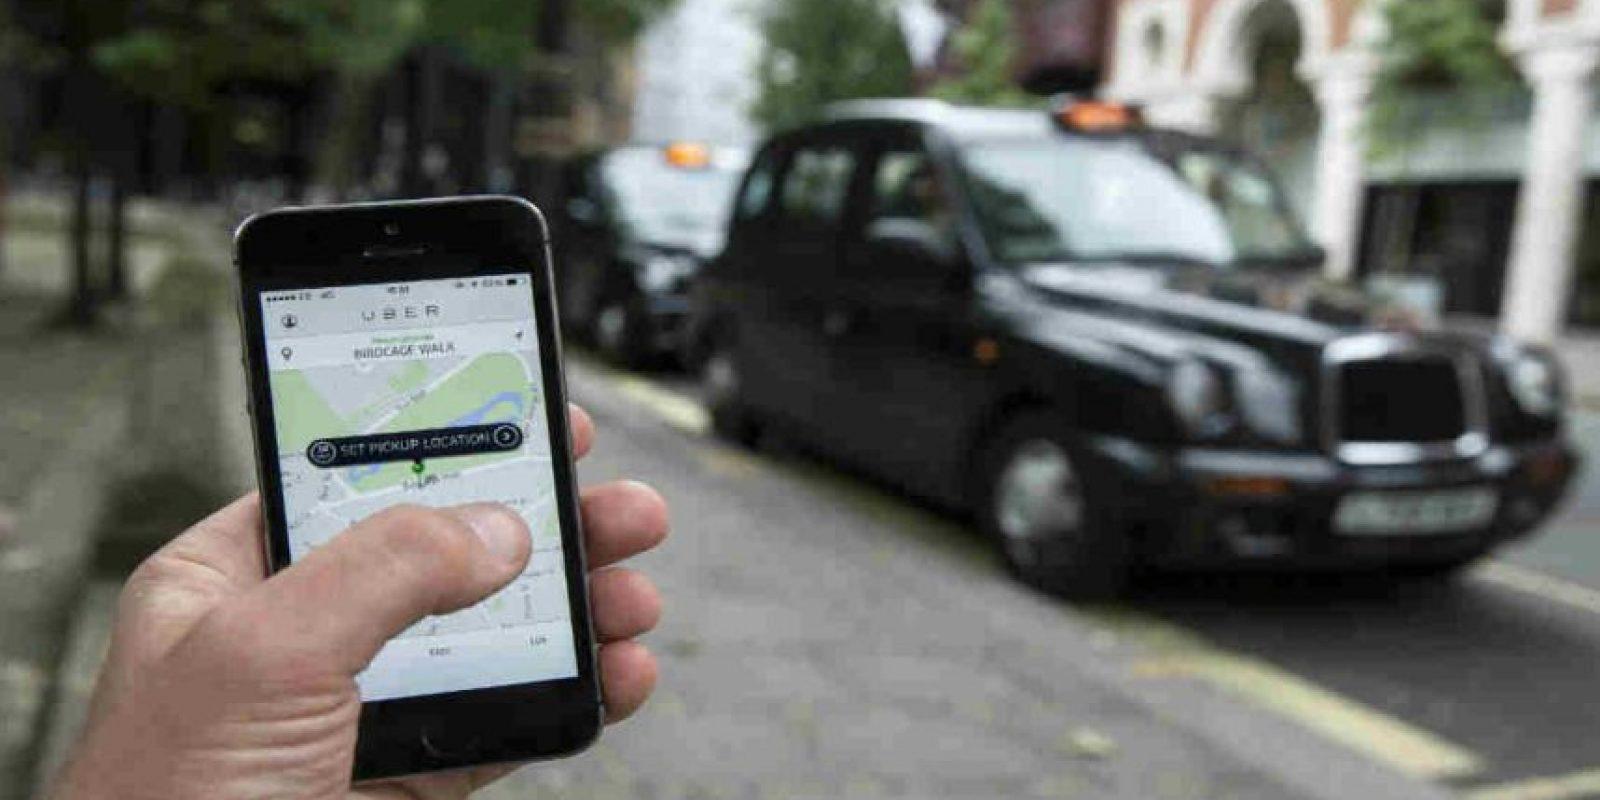 Al momento de pedir un auto, la app les muestra los datos y fotografía del conductor. Foto:Getty Images